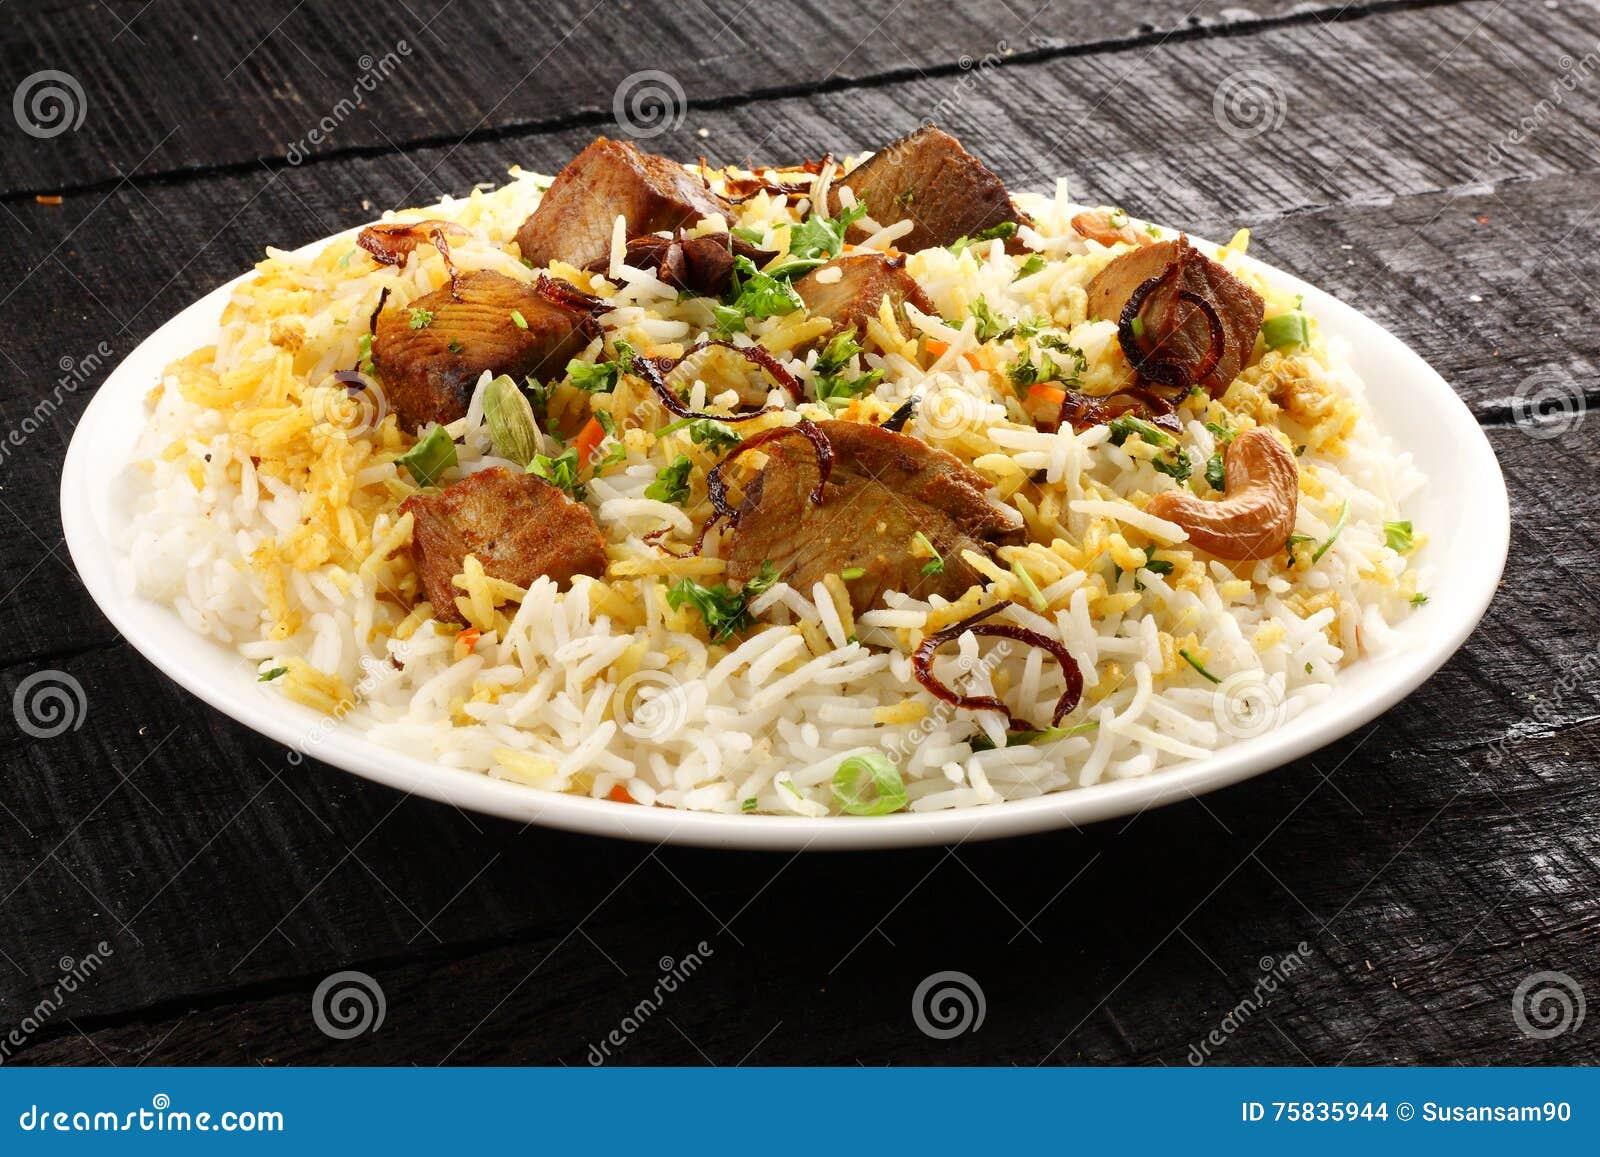 Indische cuisine- traditionele vissen pulav of pilau